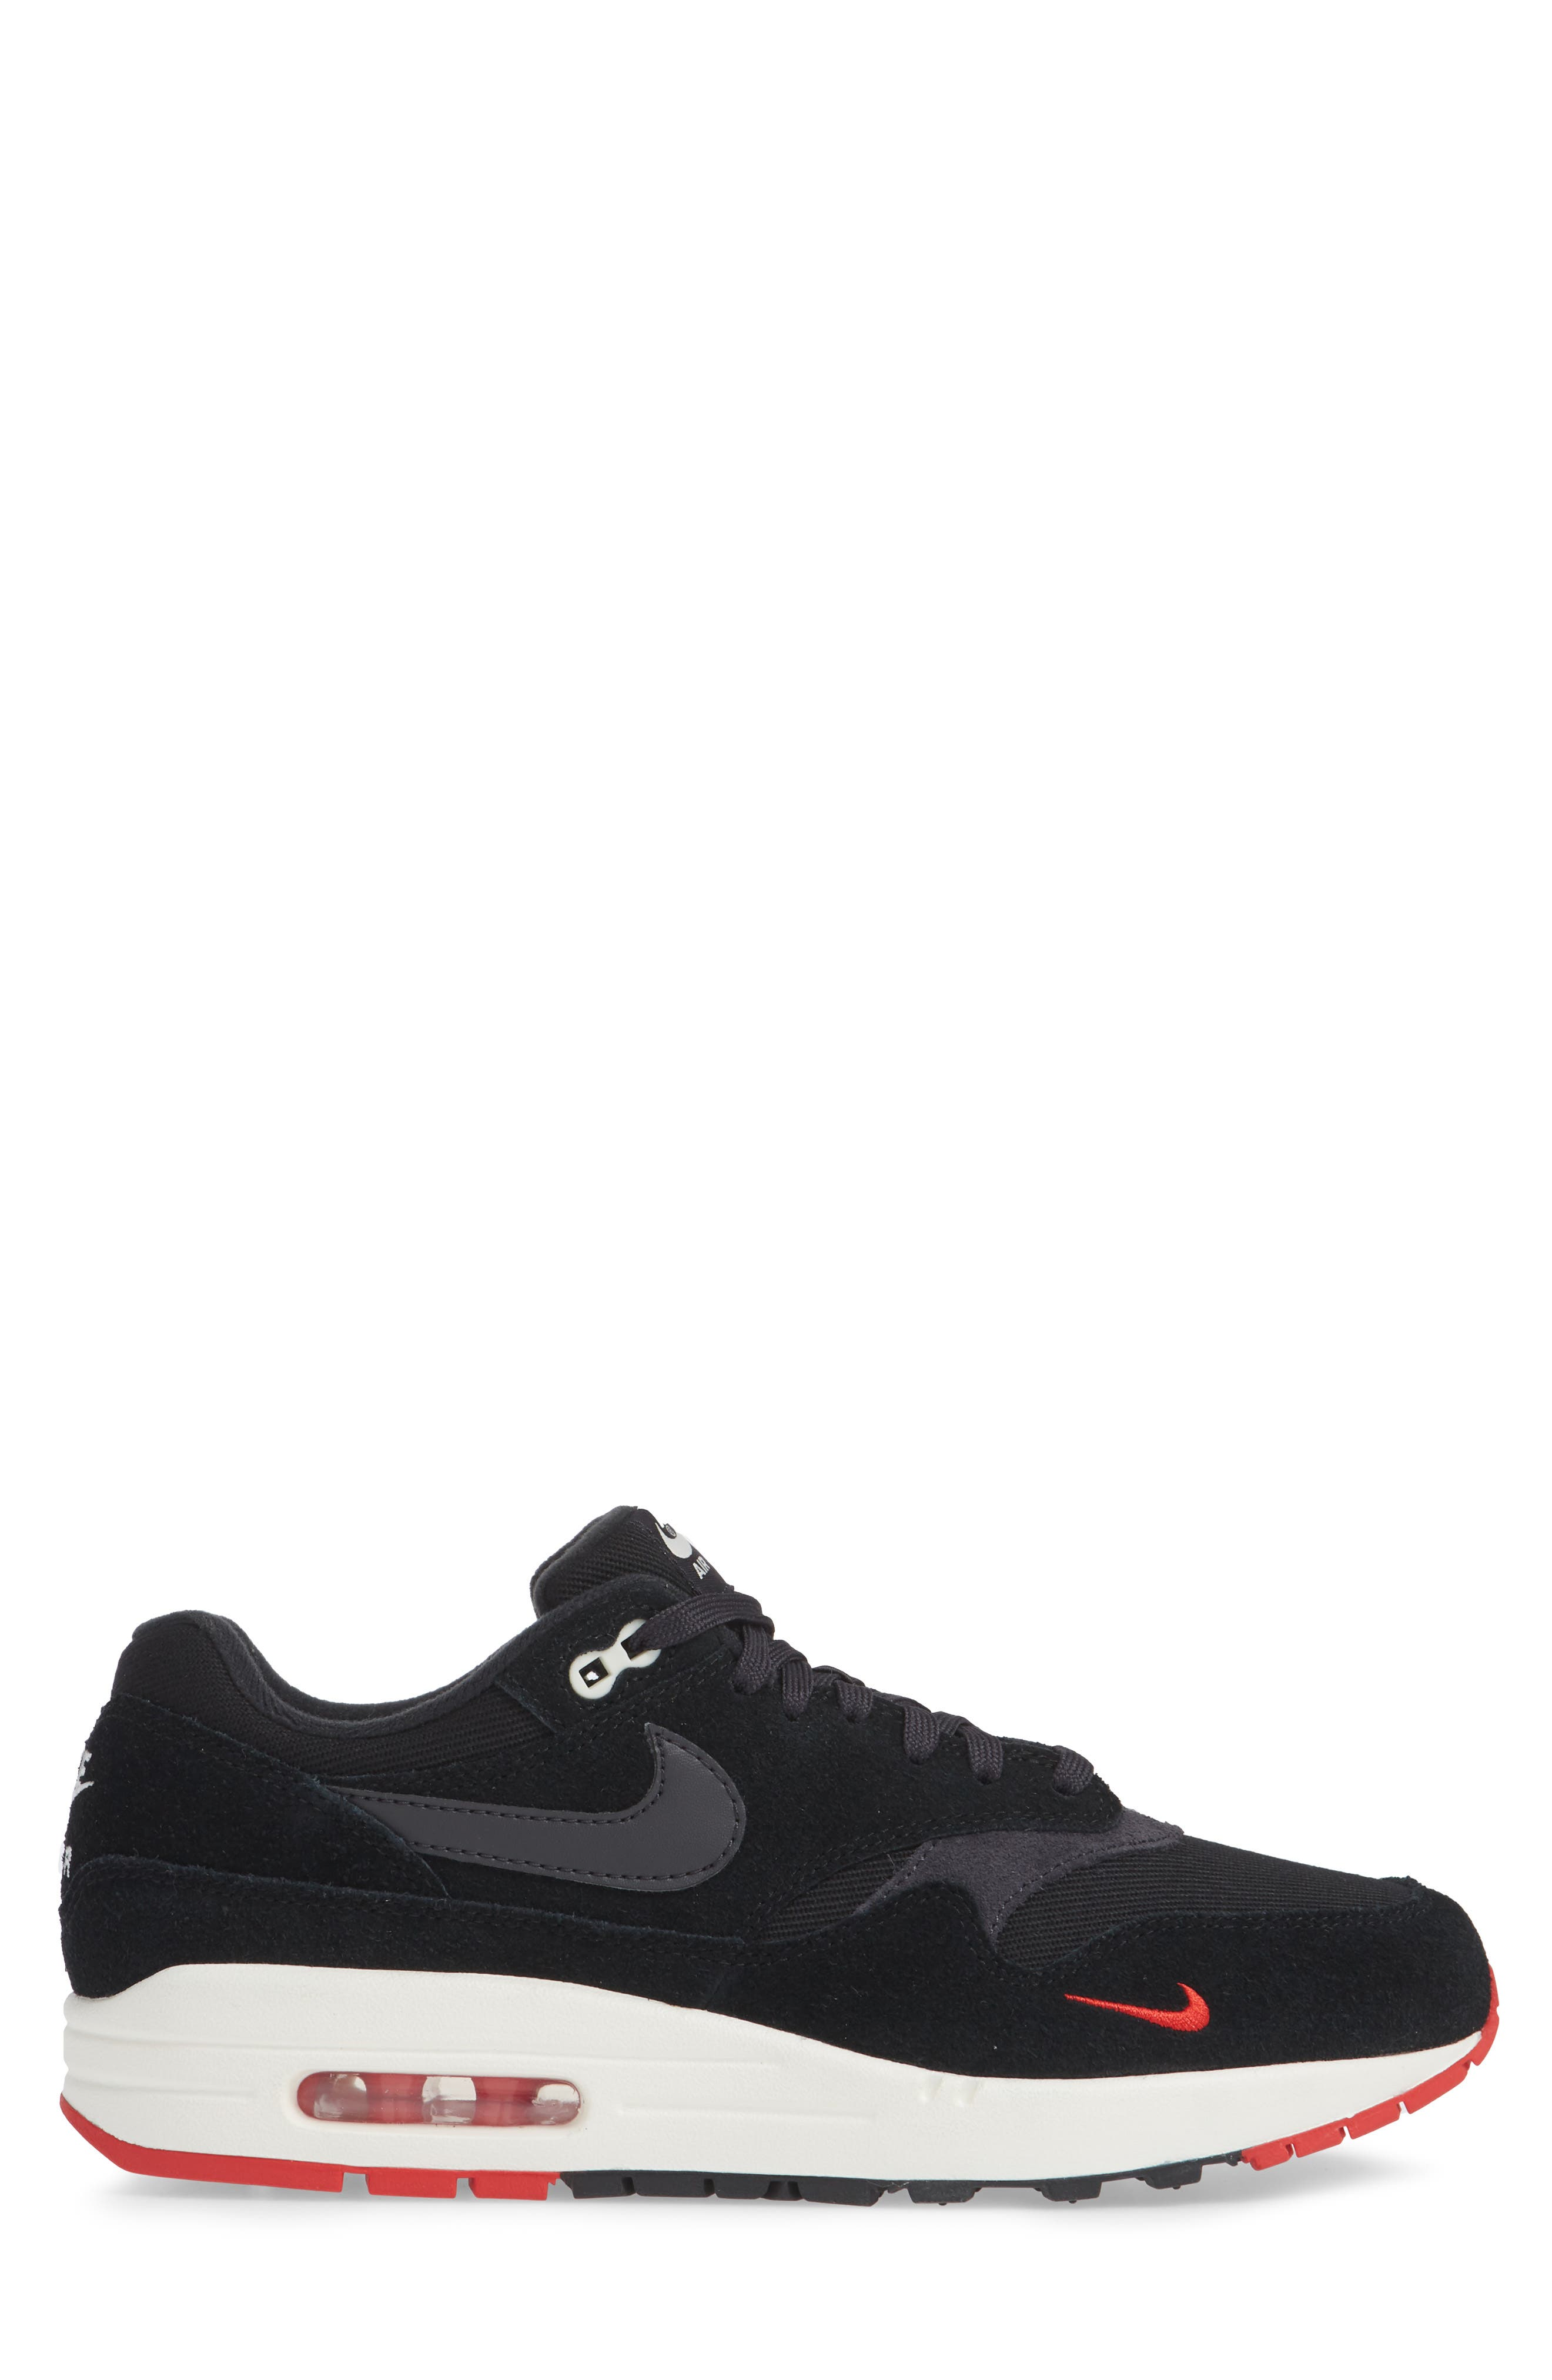 Air Max 1 Premium Sneaker,                             Alternate thumbnail 3, color,                             Black/ Grey/ University Red